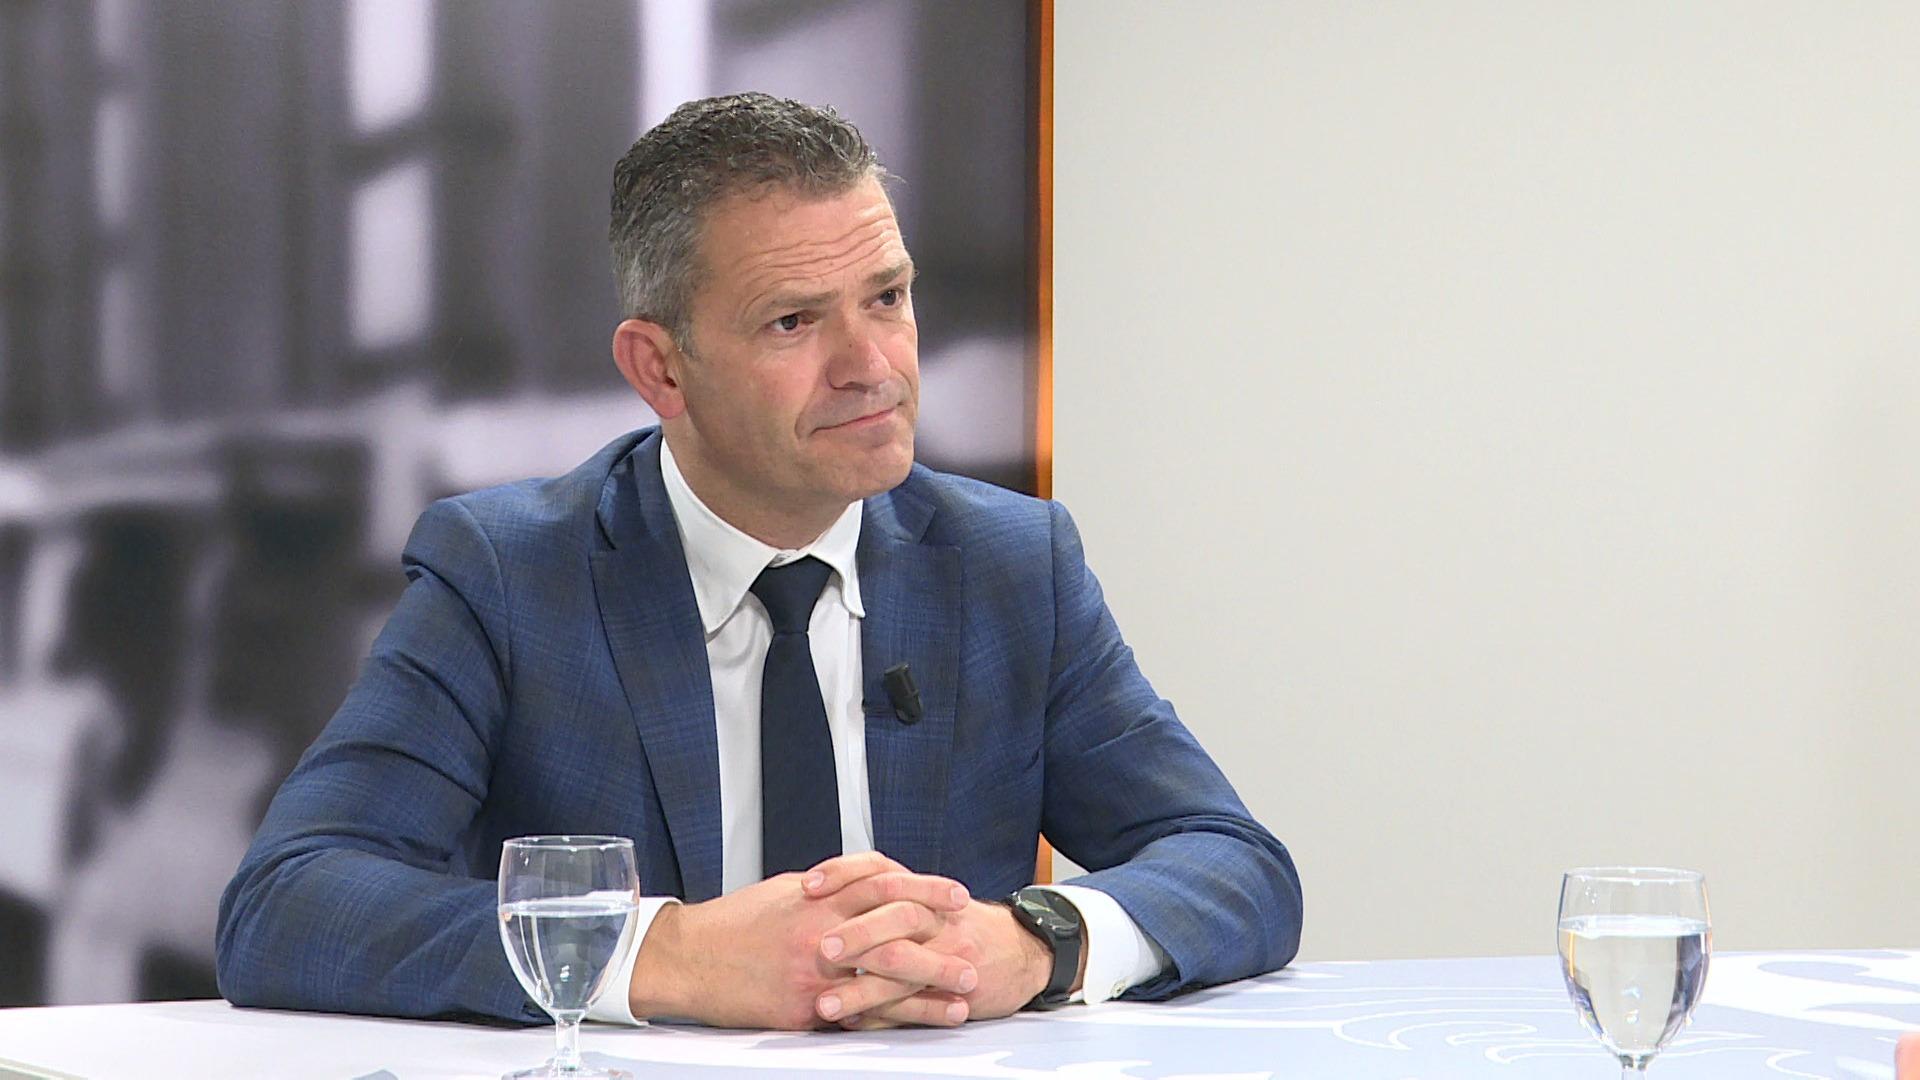 Studio Vlaams Parlement: Lode Ceyssens over de stijging van het aantal fietsongevallen